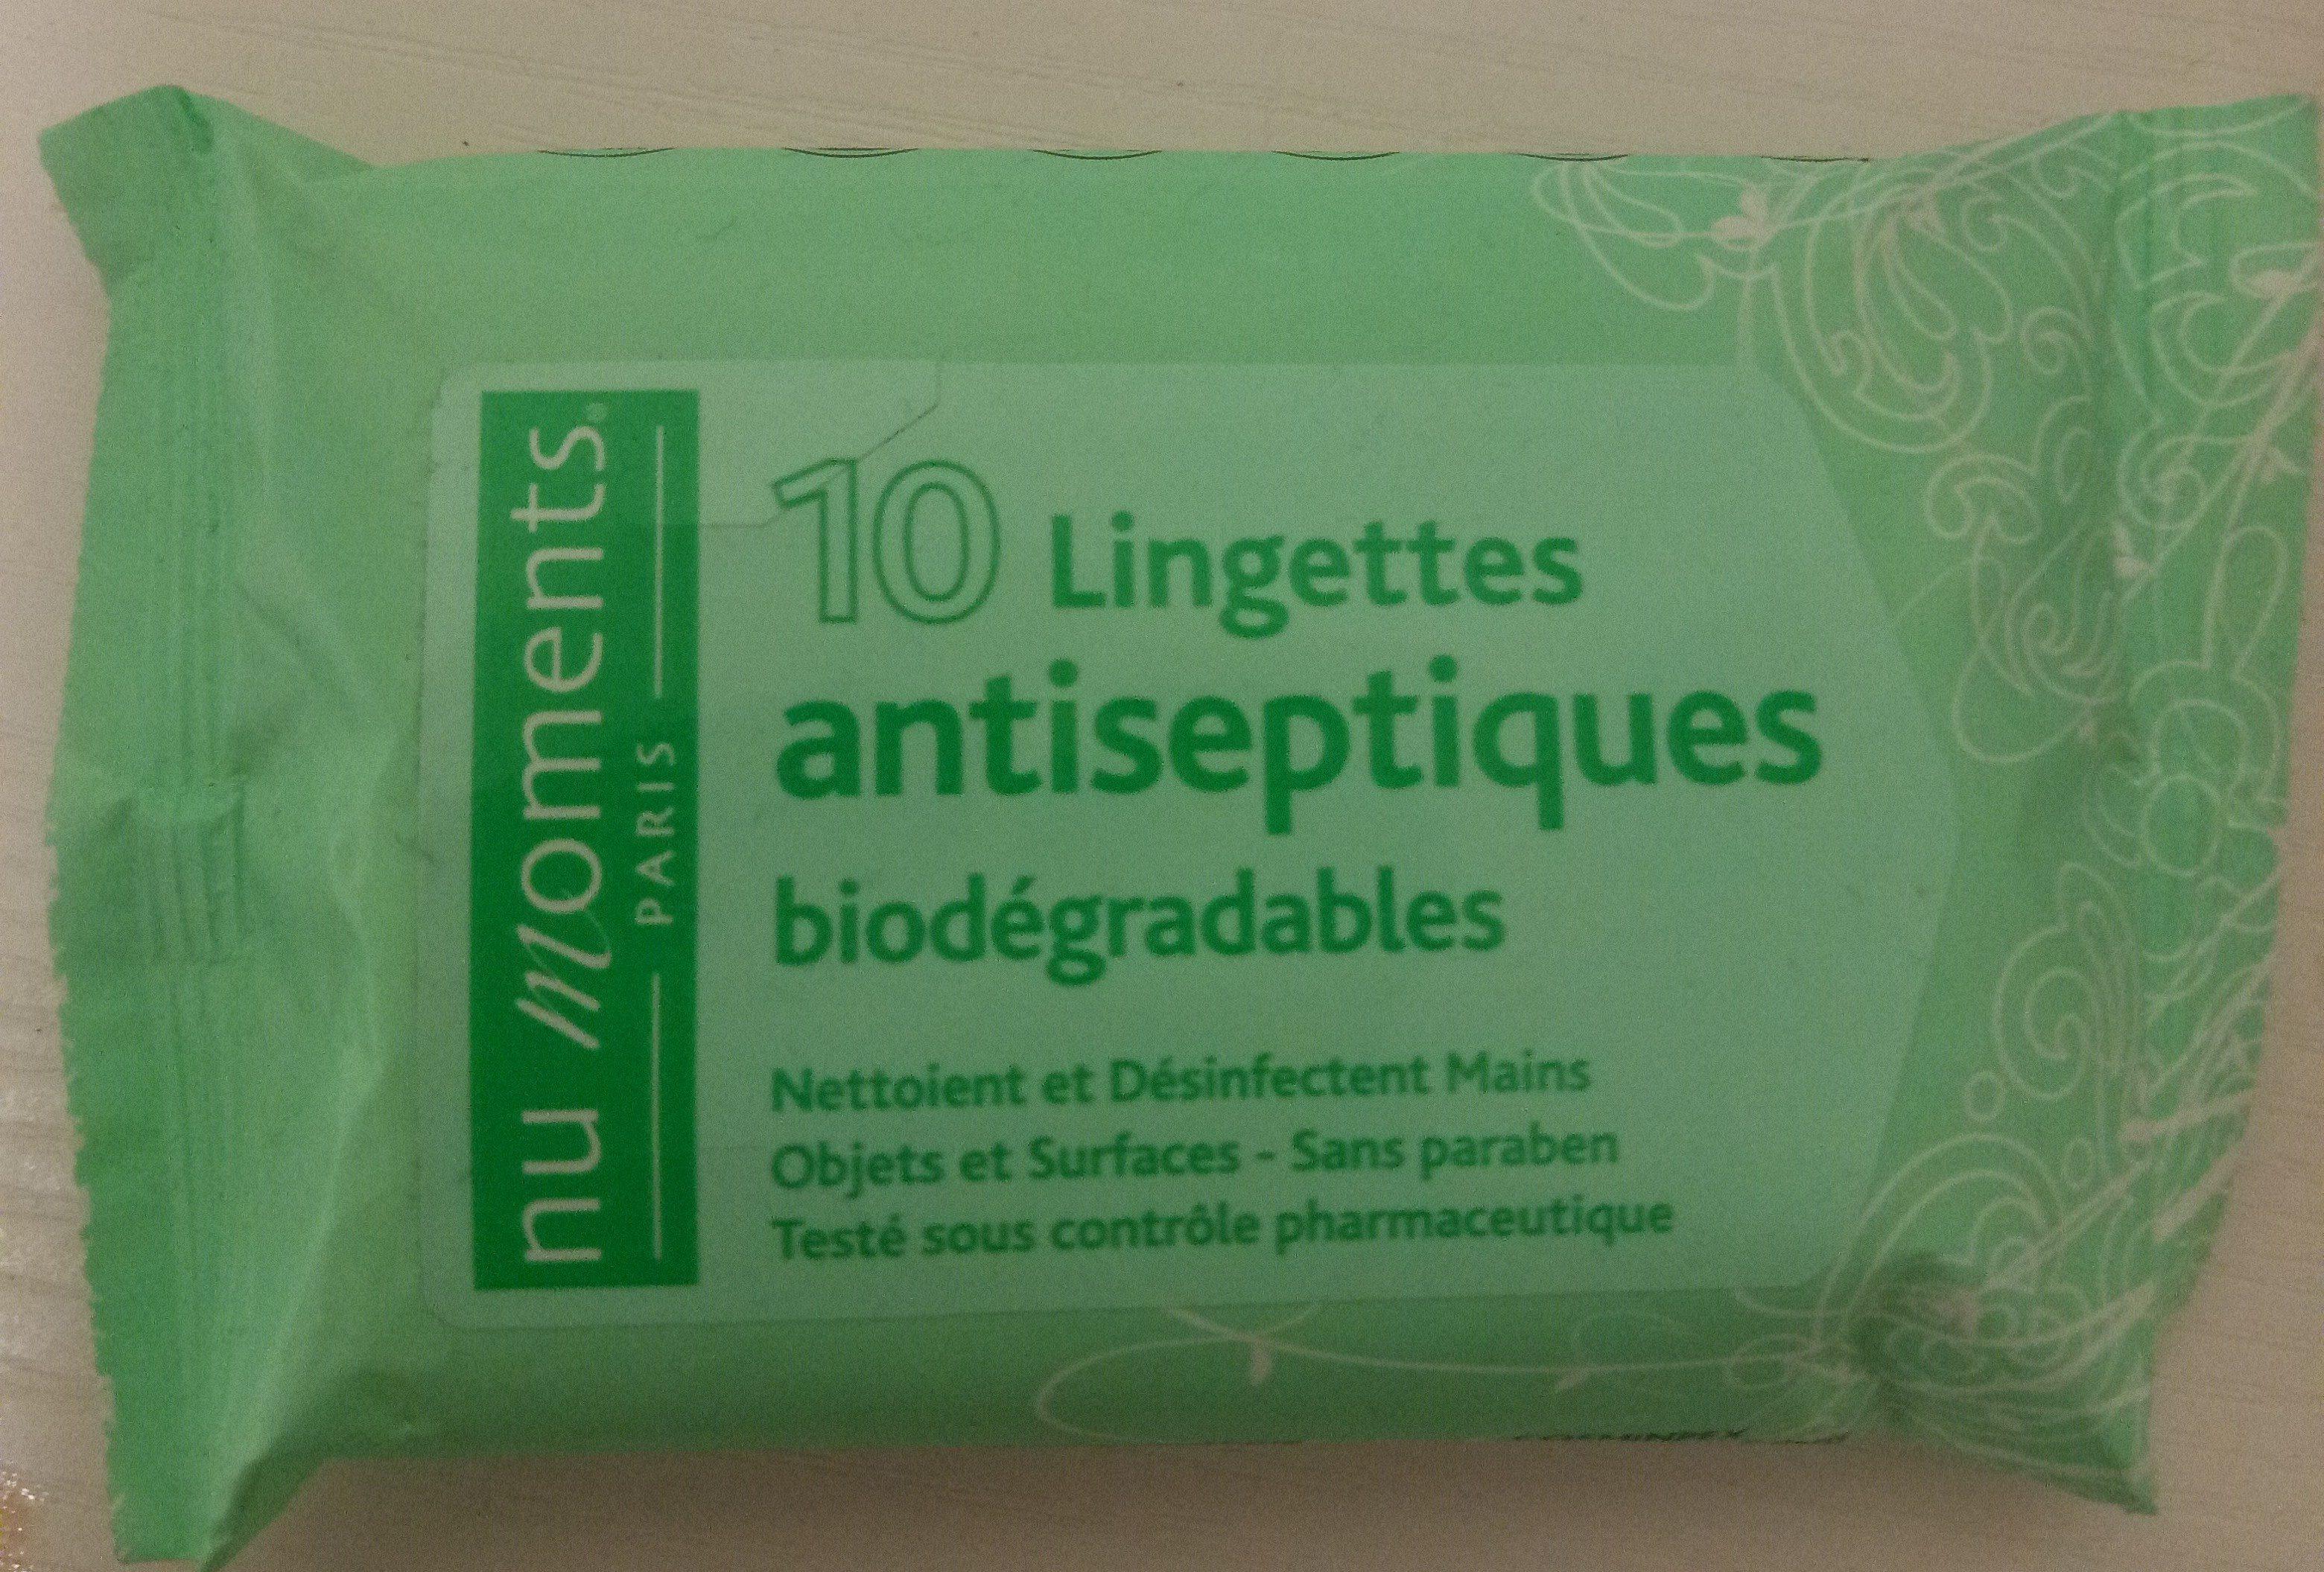 Lingettes antiseptiques biodégradables - Product - fr